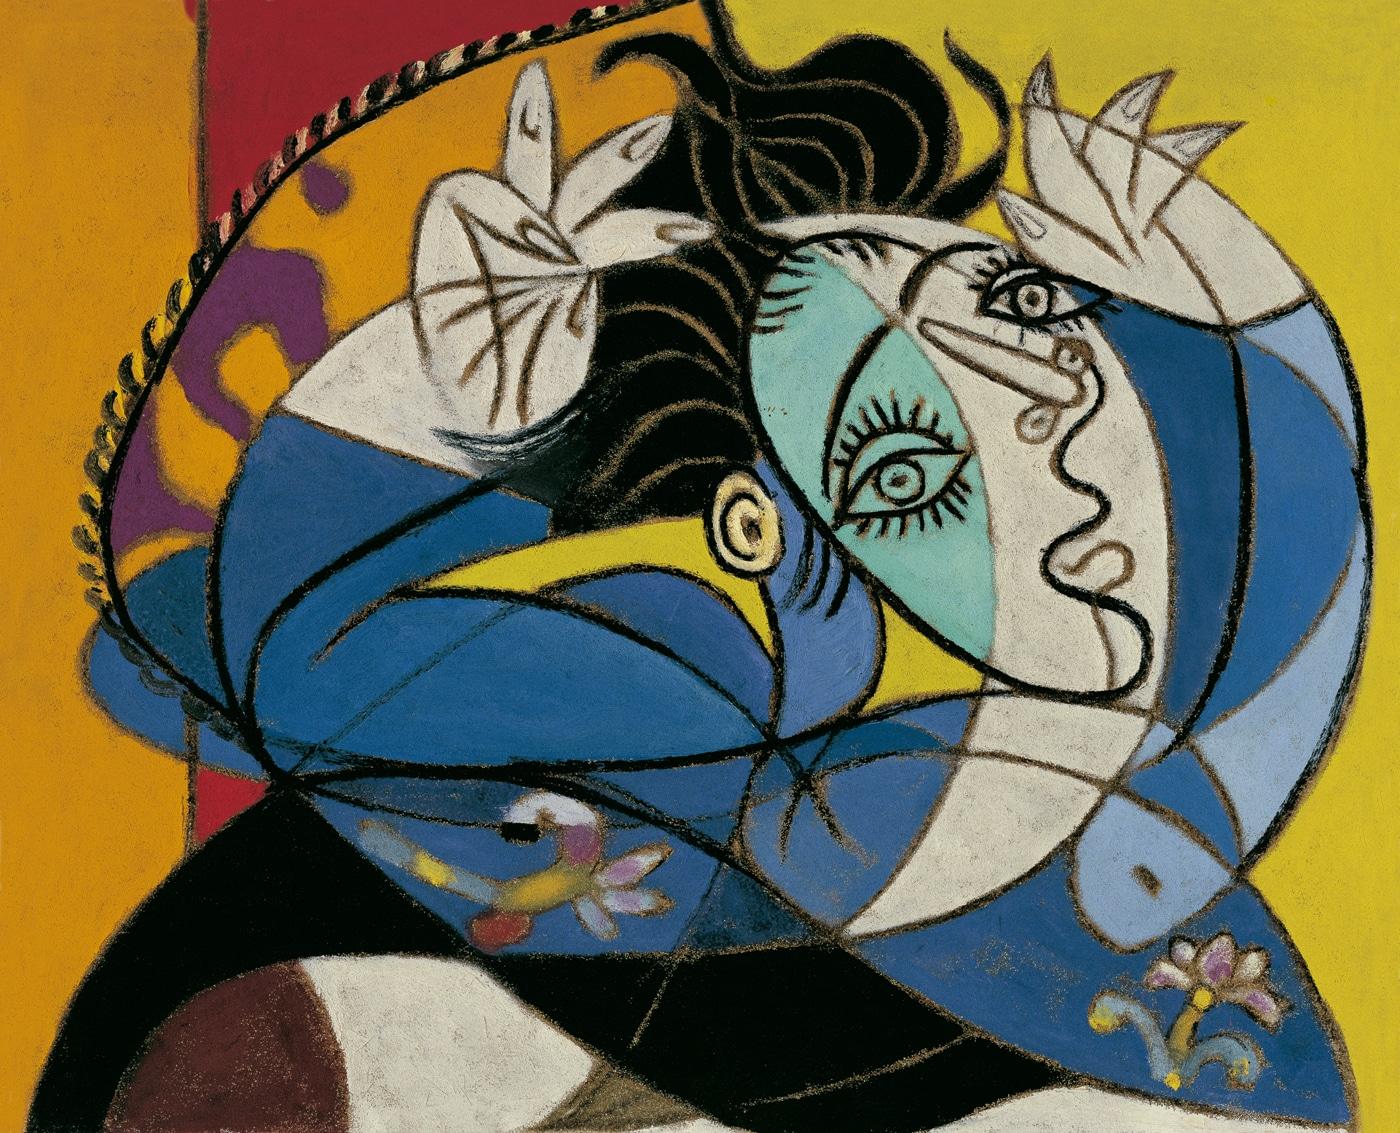 Cuadro de Picasso